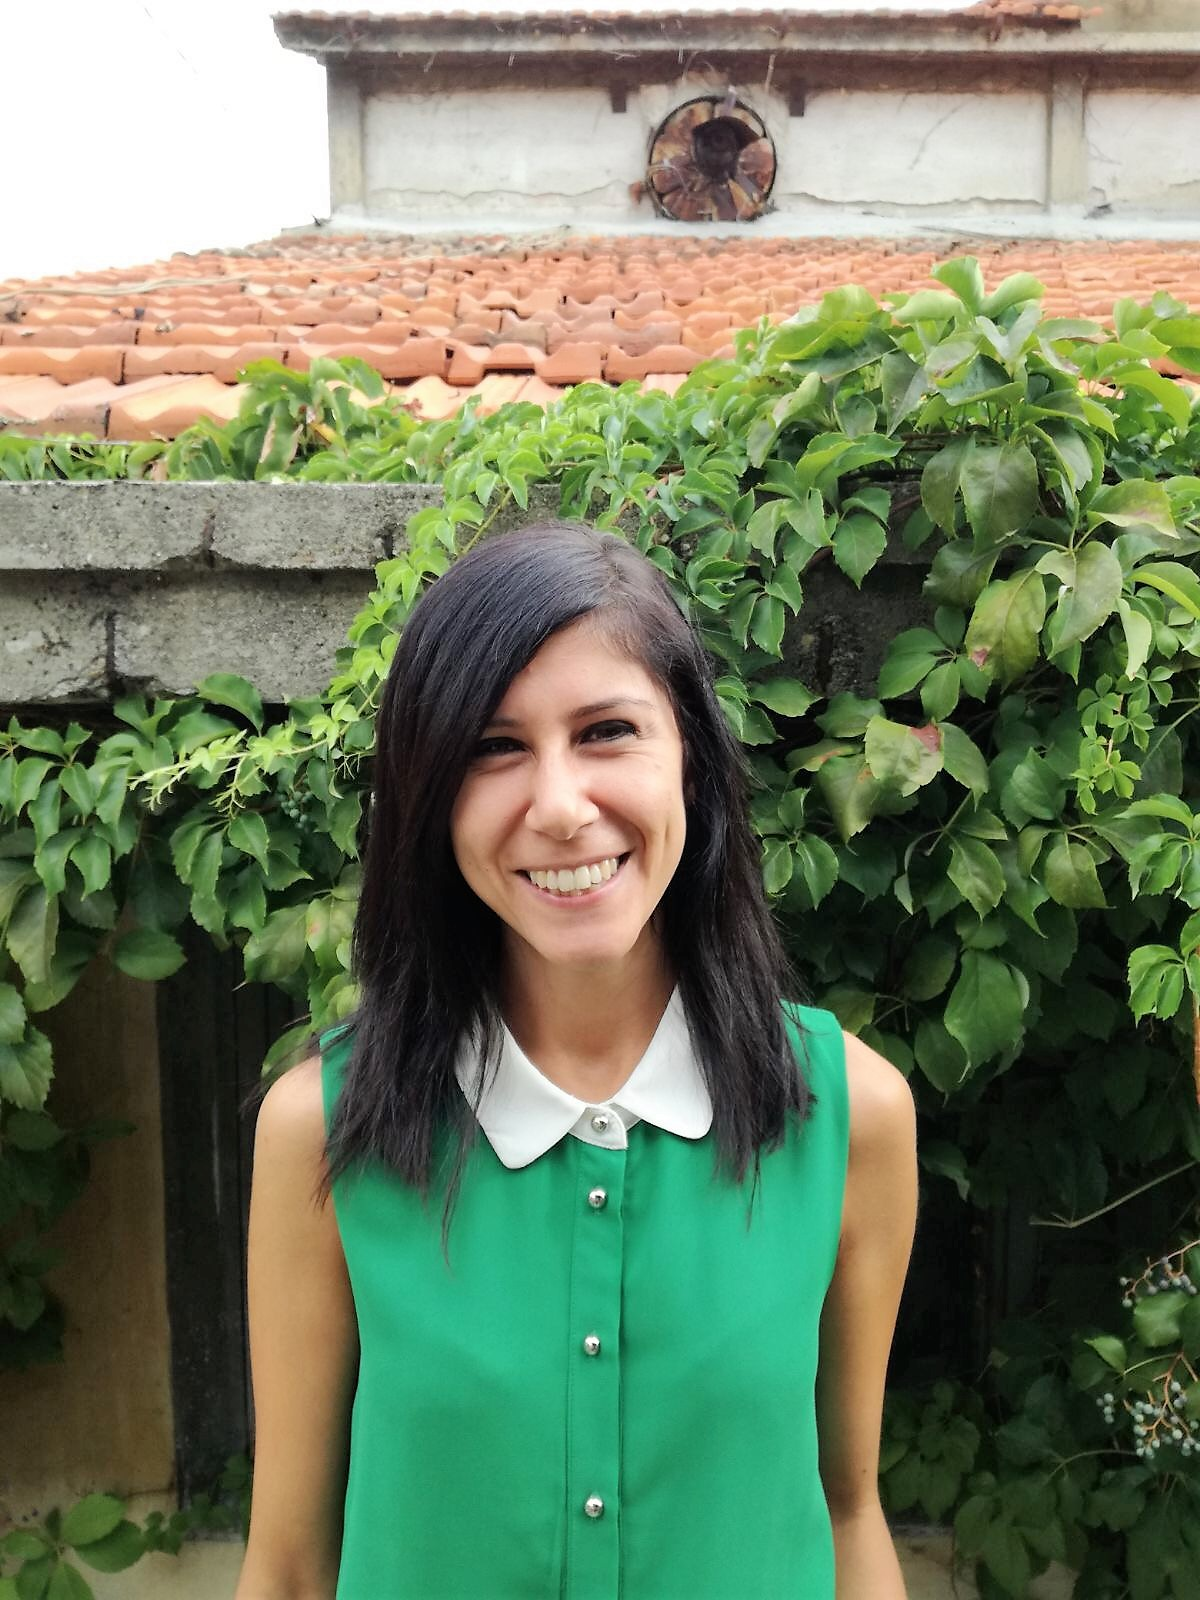 Alessandra Vescio